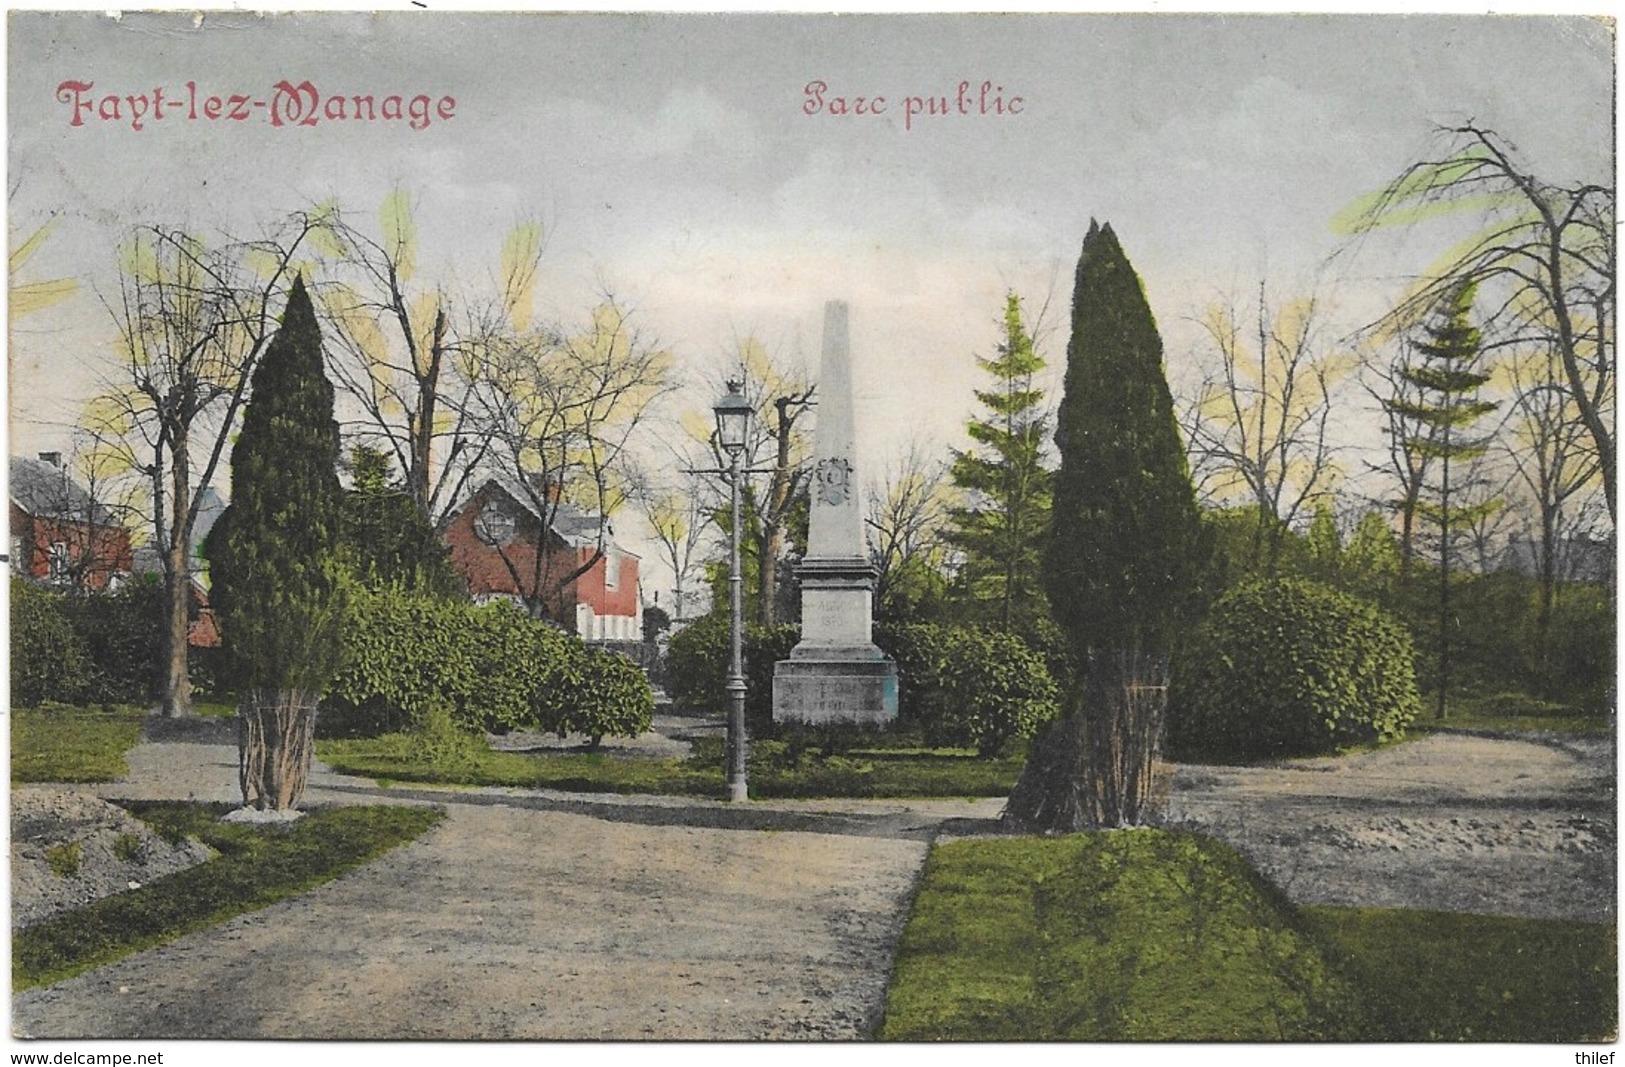 Fayt-lez-Manage NA2: Parc Public 1912 - Manage